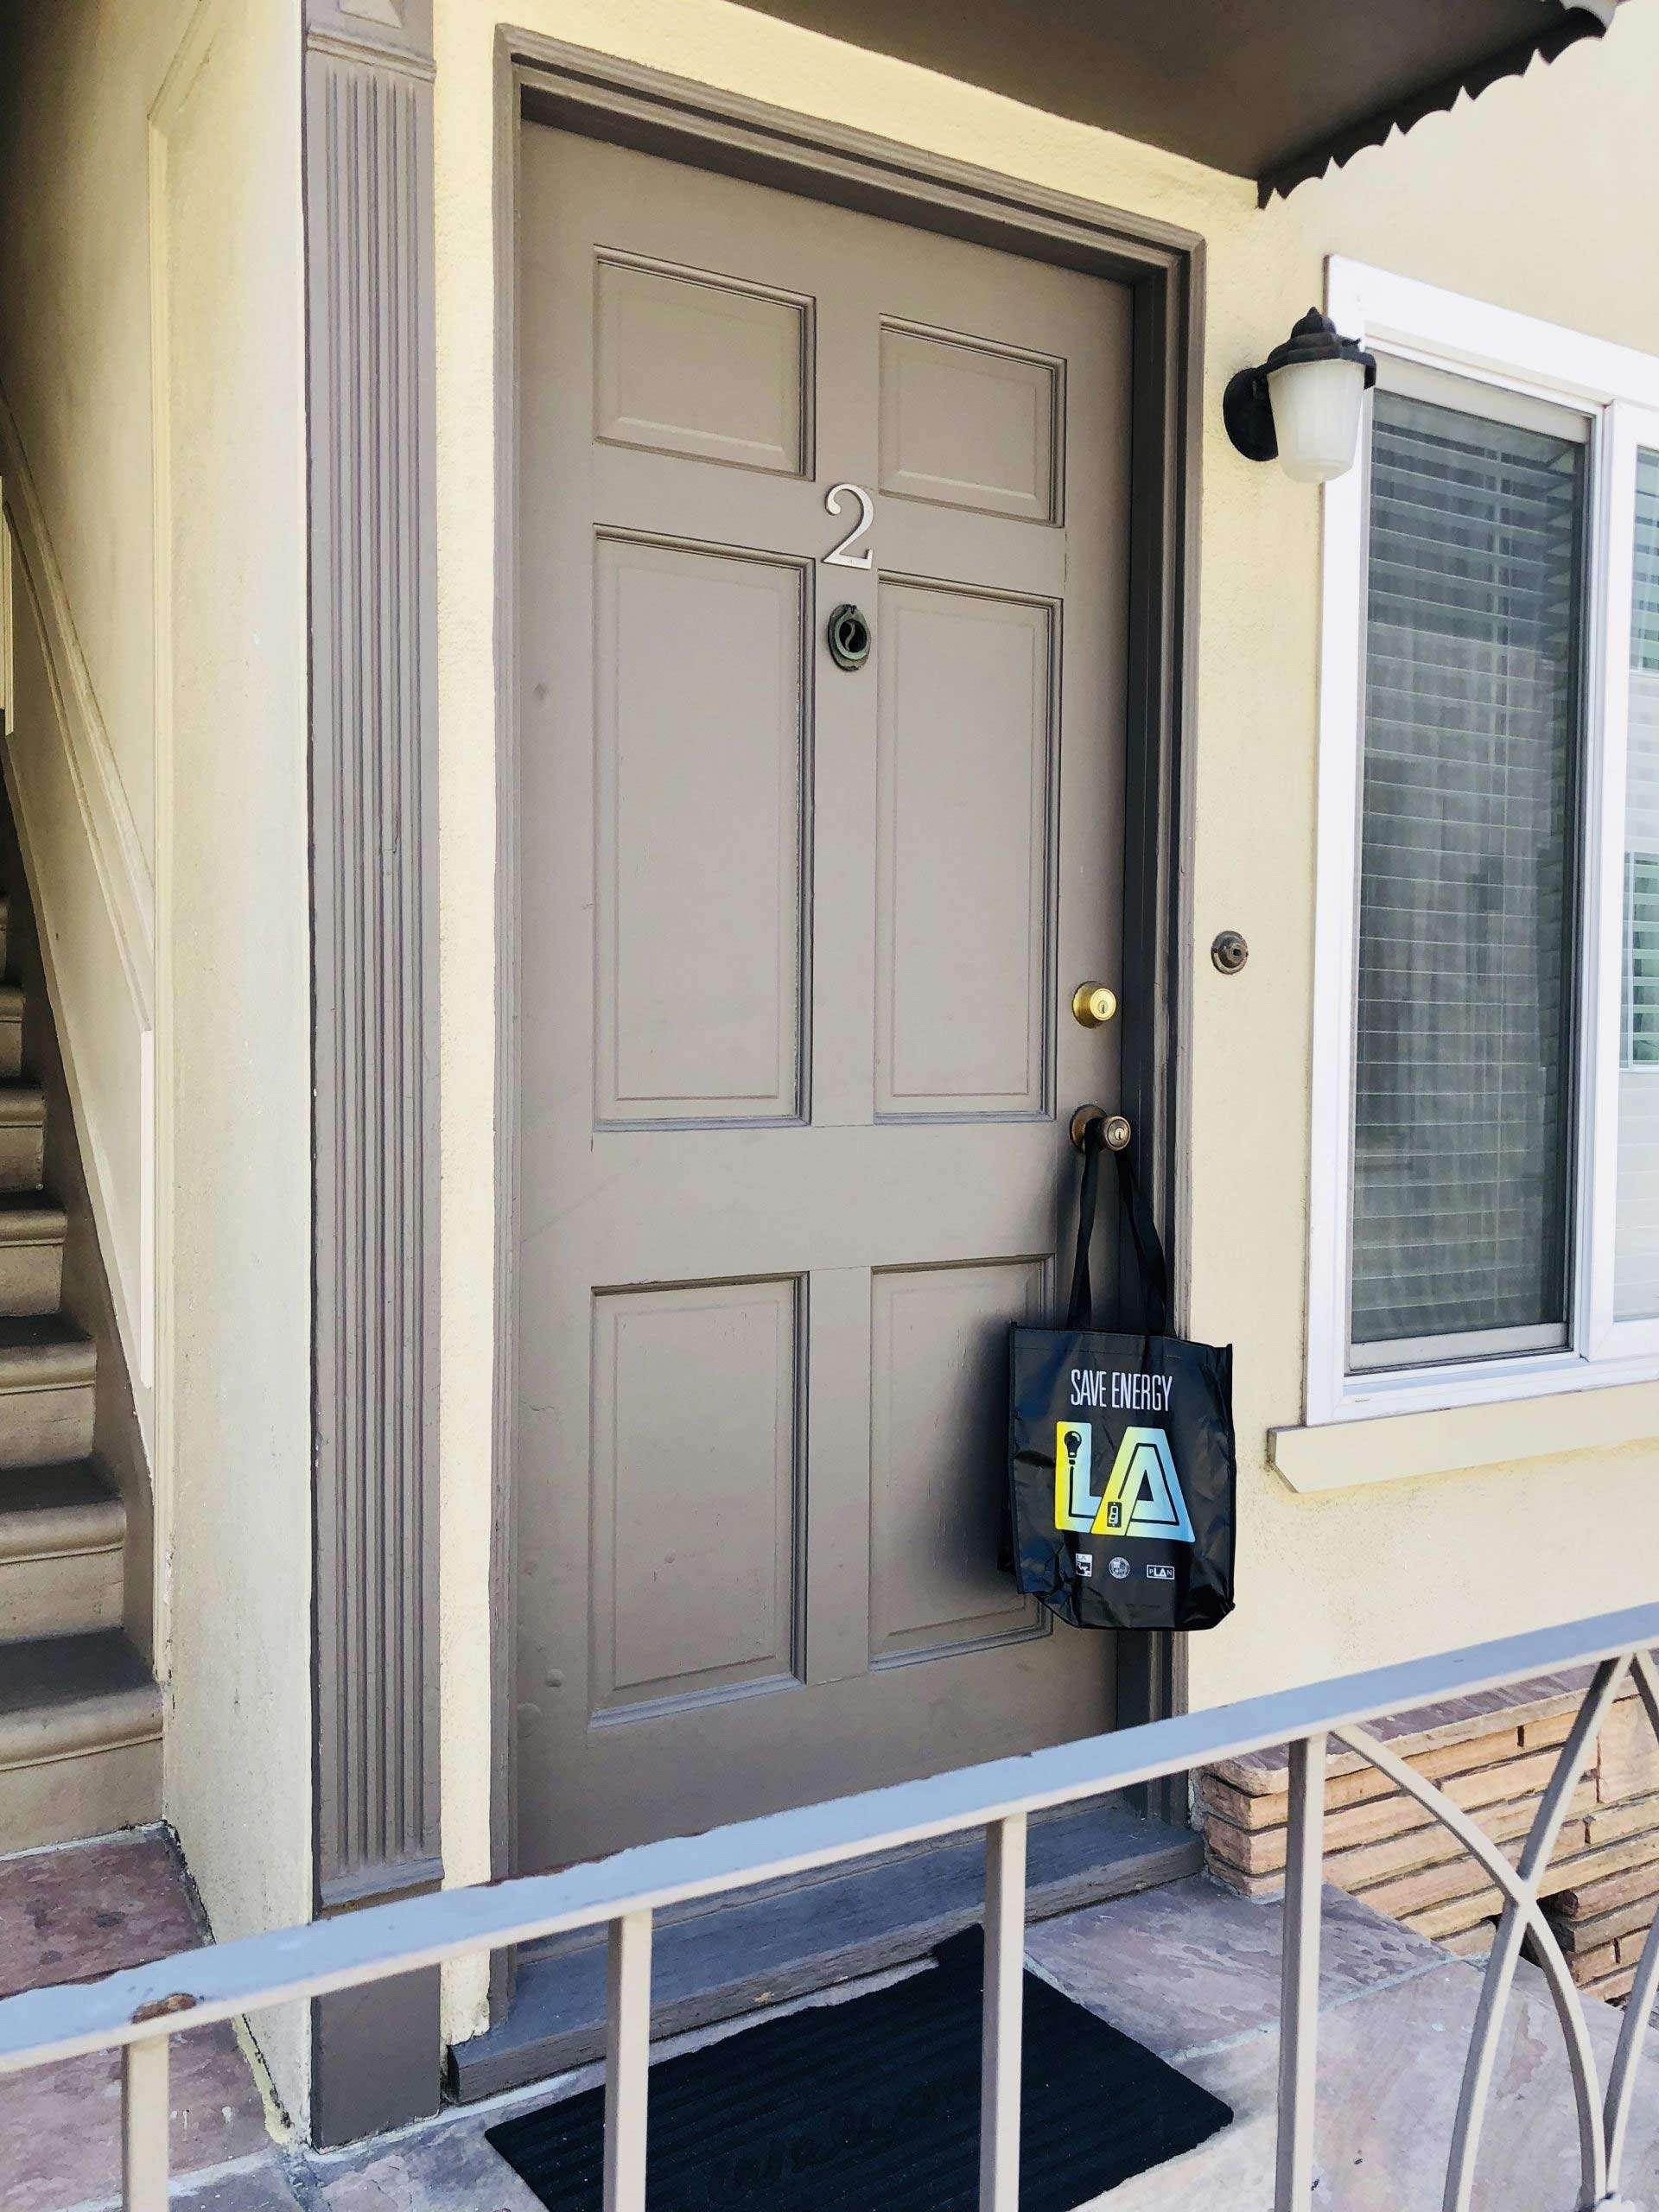 dark bag hanging on a door